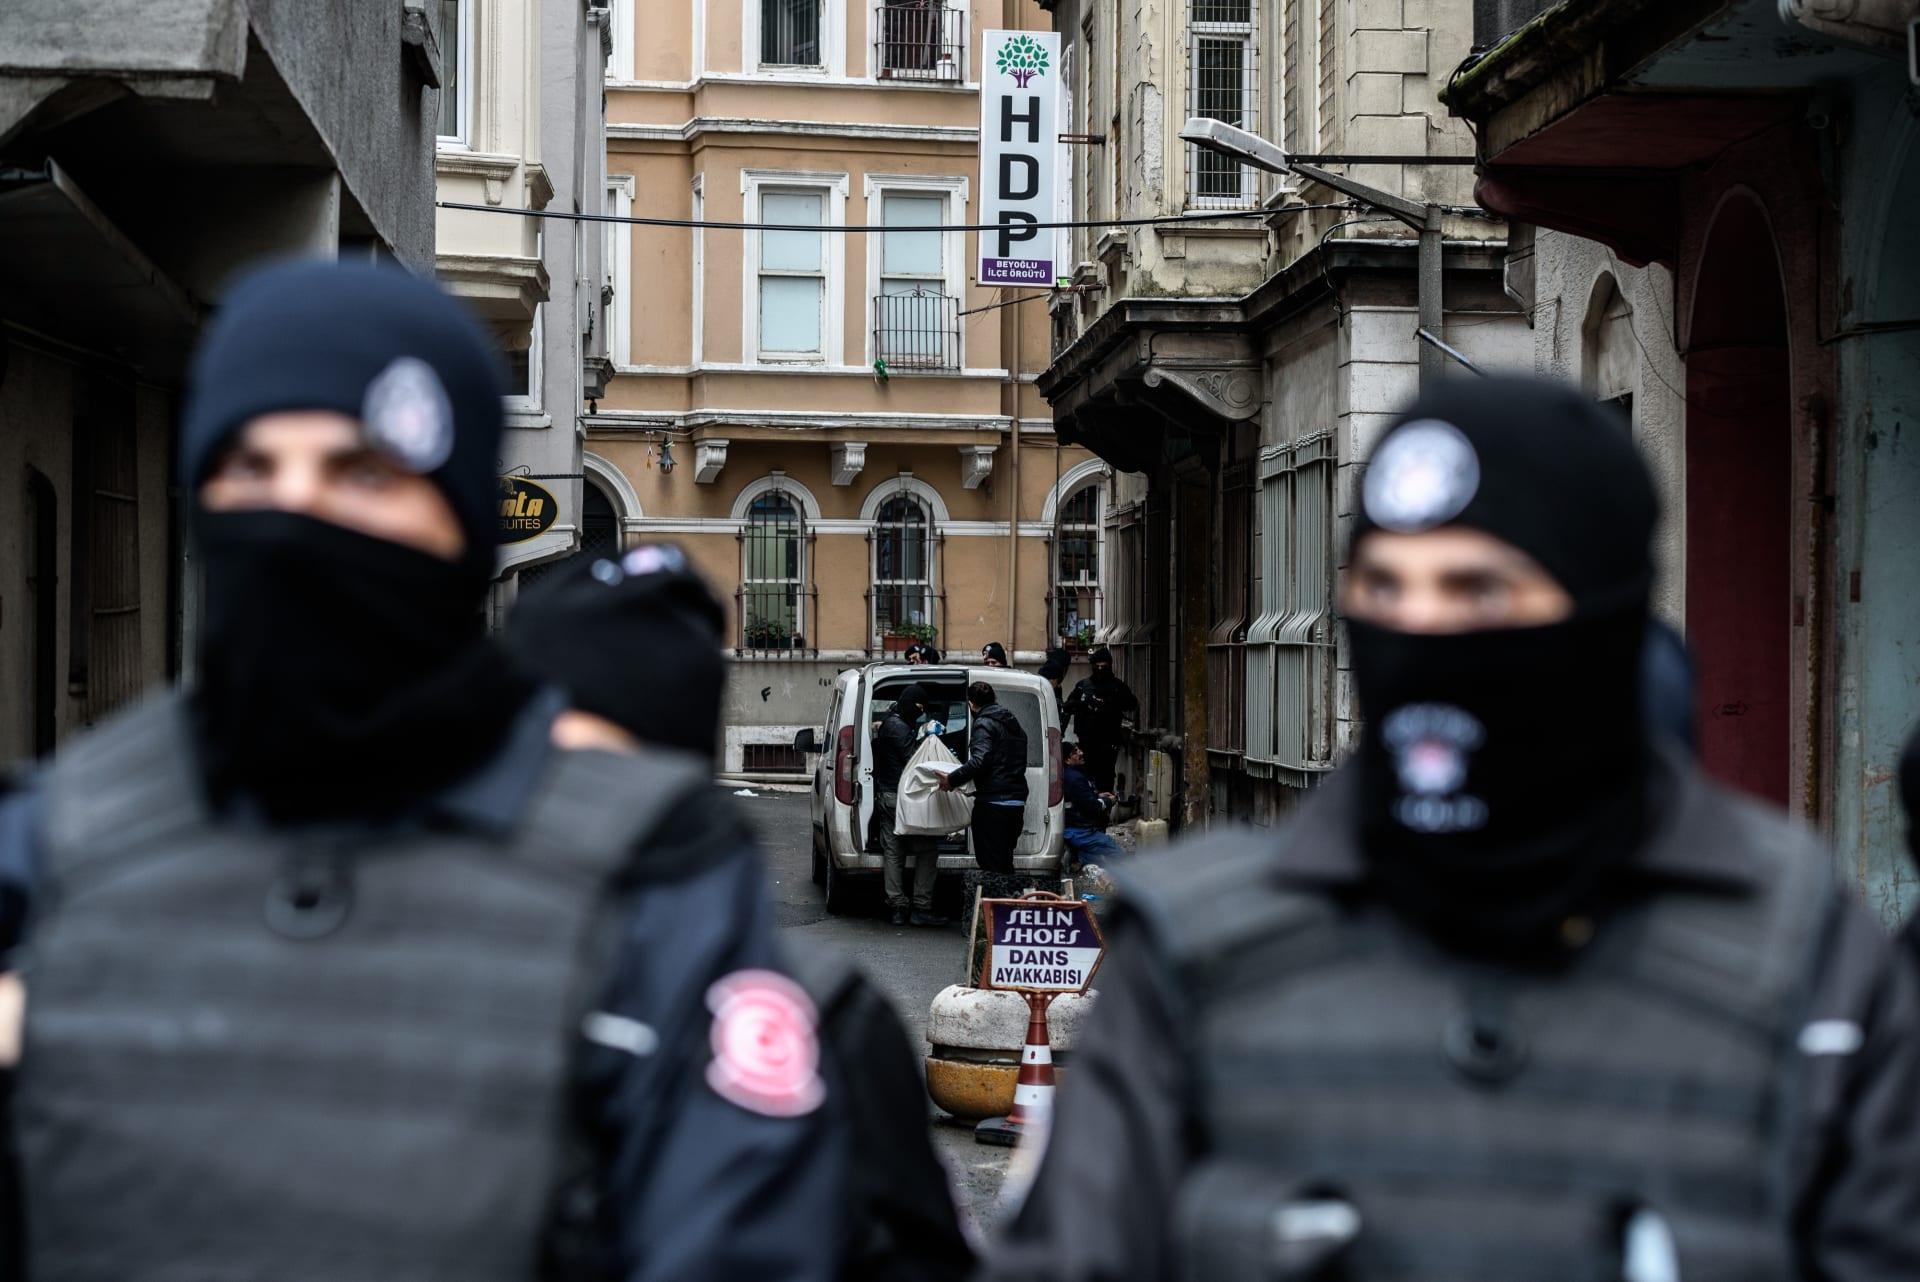 تركيا.. القبض على 40 شخصا بينهم 15 مصرياً وروسياً للاشتباه في انتمائهم لداعش